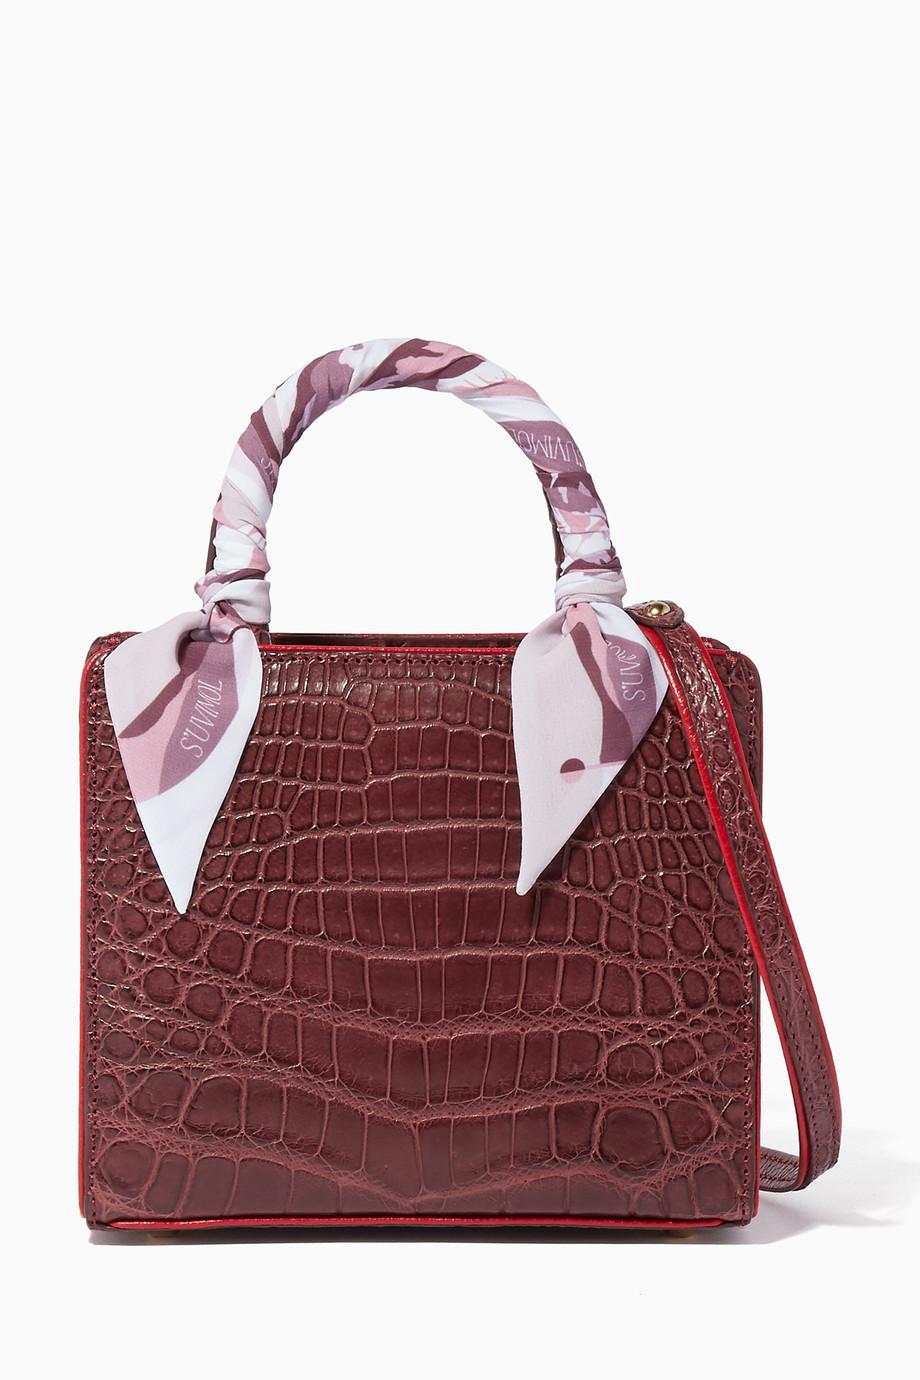 0233ed268 للنساءالحقائبحقائب صغيرة. حقيبة يد ماي سويت بوكس صغيرة جلد تمساح أحمر داكن  ...